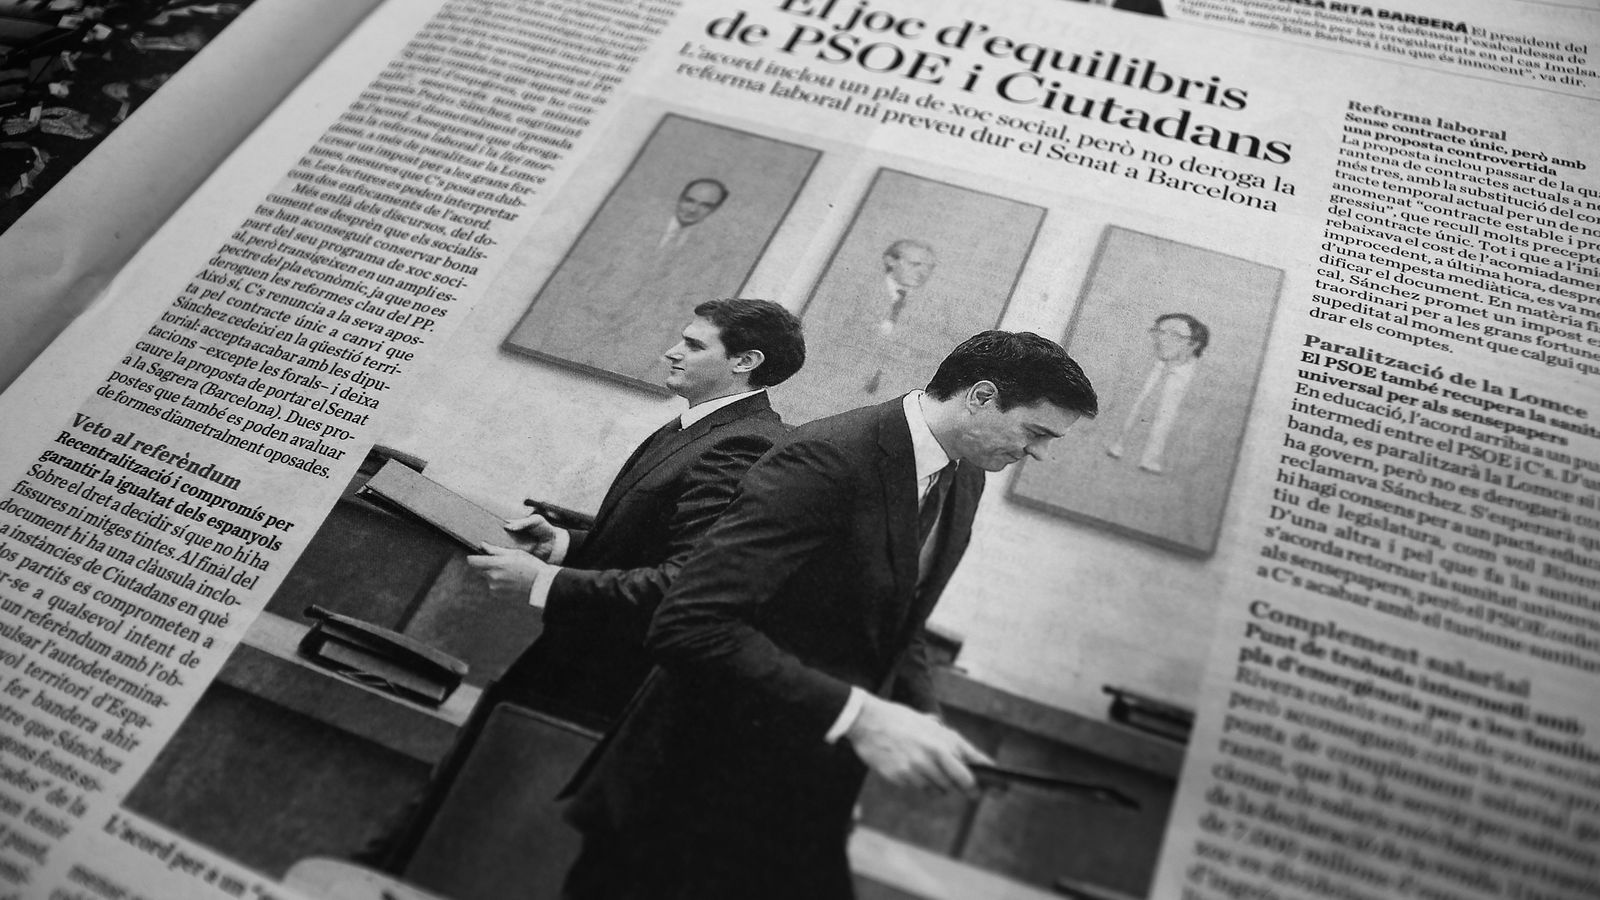 L'editorial d'Antoni Bassas: PSOE i Ciutadans: Oposar-se a tot intent de referèndum